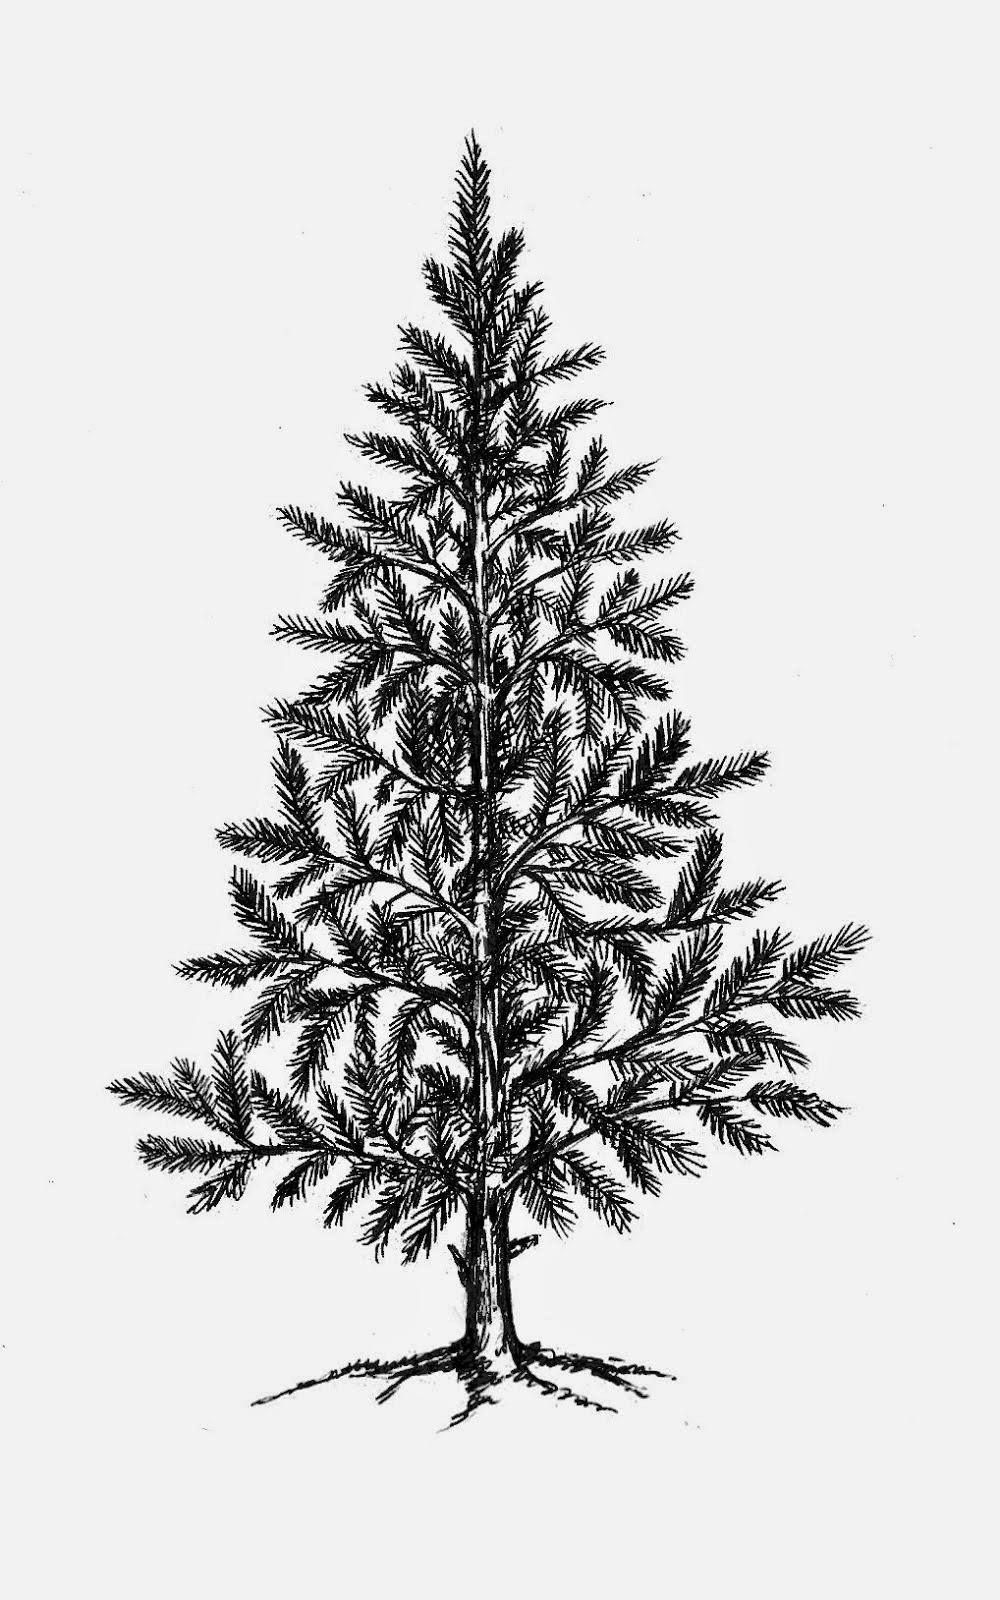 http://www.artjourney.nl/art-journey/44822-christmas-trees--single-smalle.html